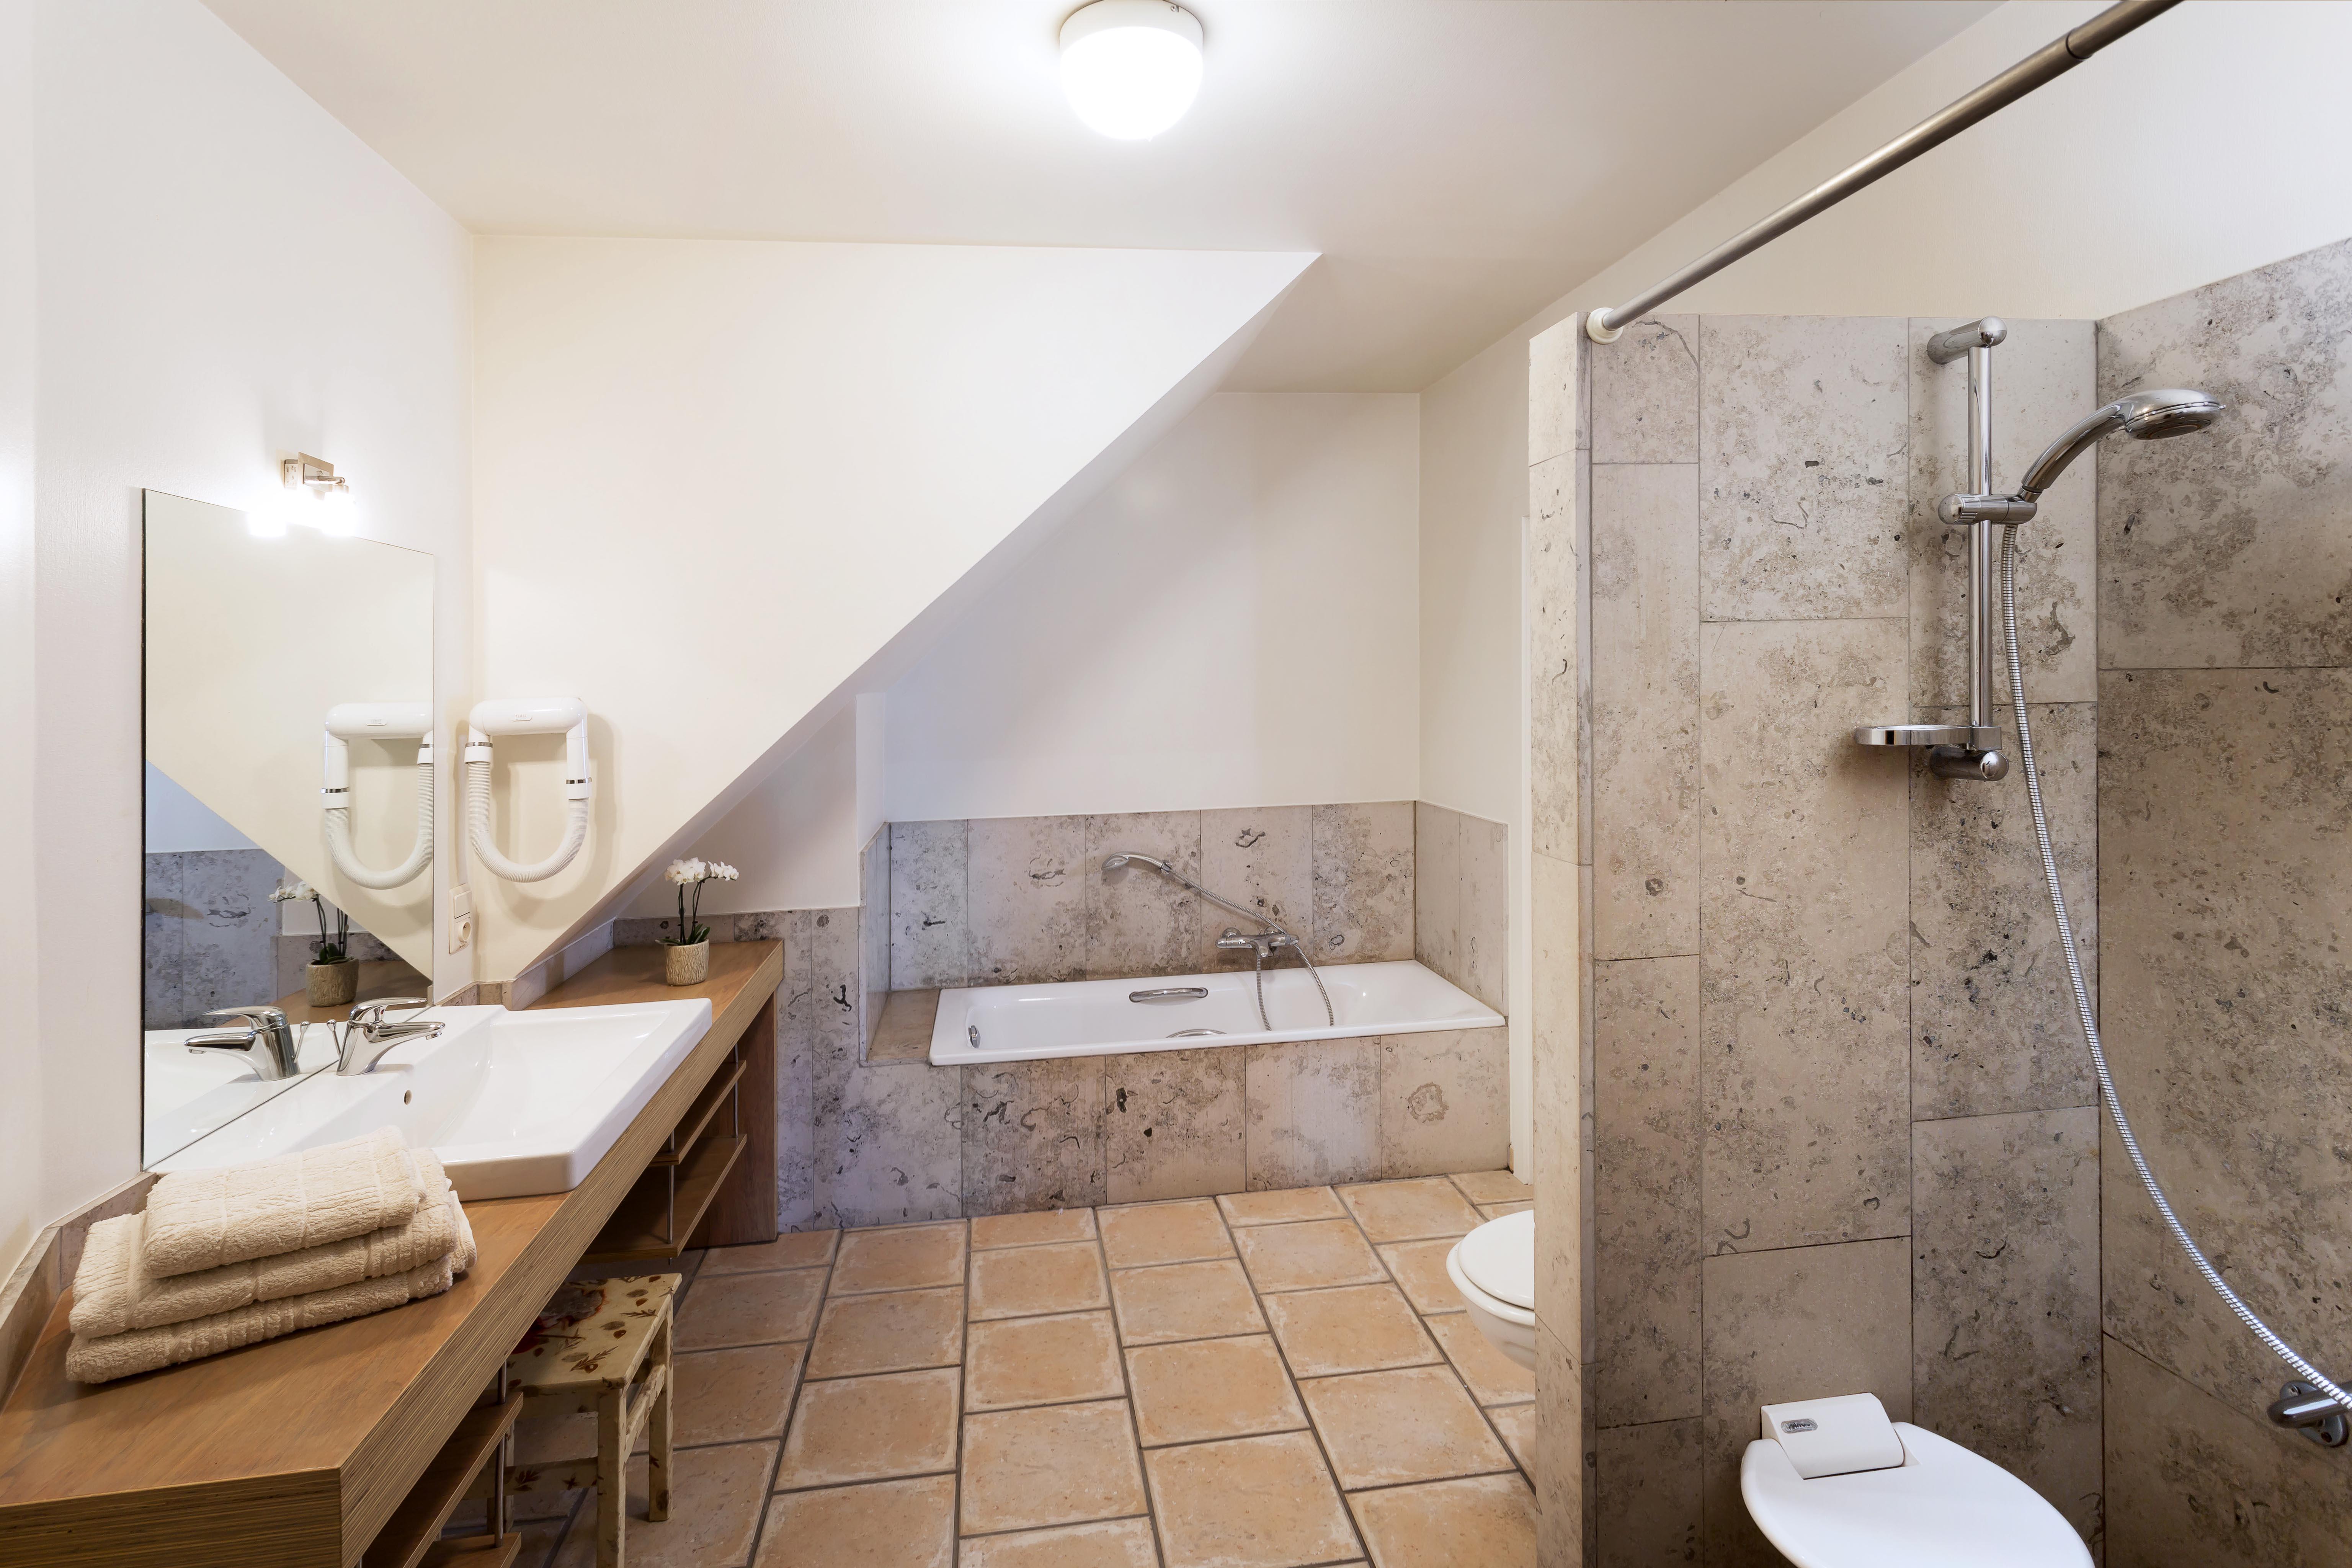 vakantiehuis aan zee domein Rietvelde Riethuis badkamer